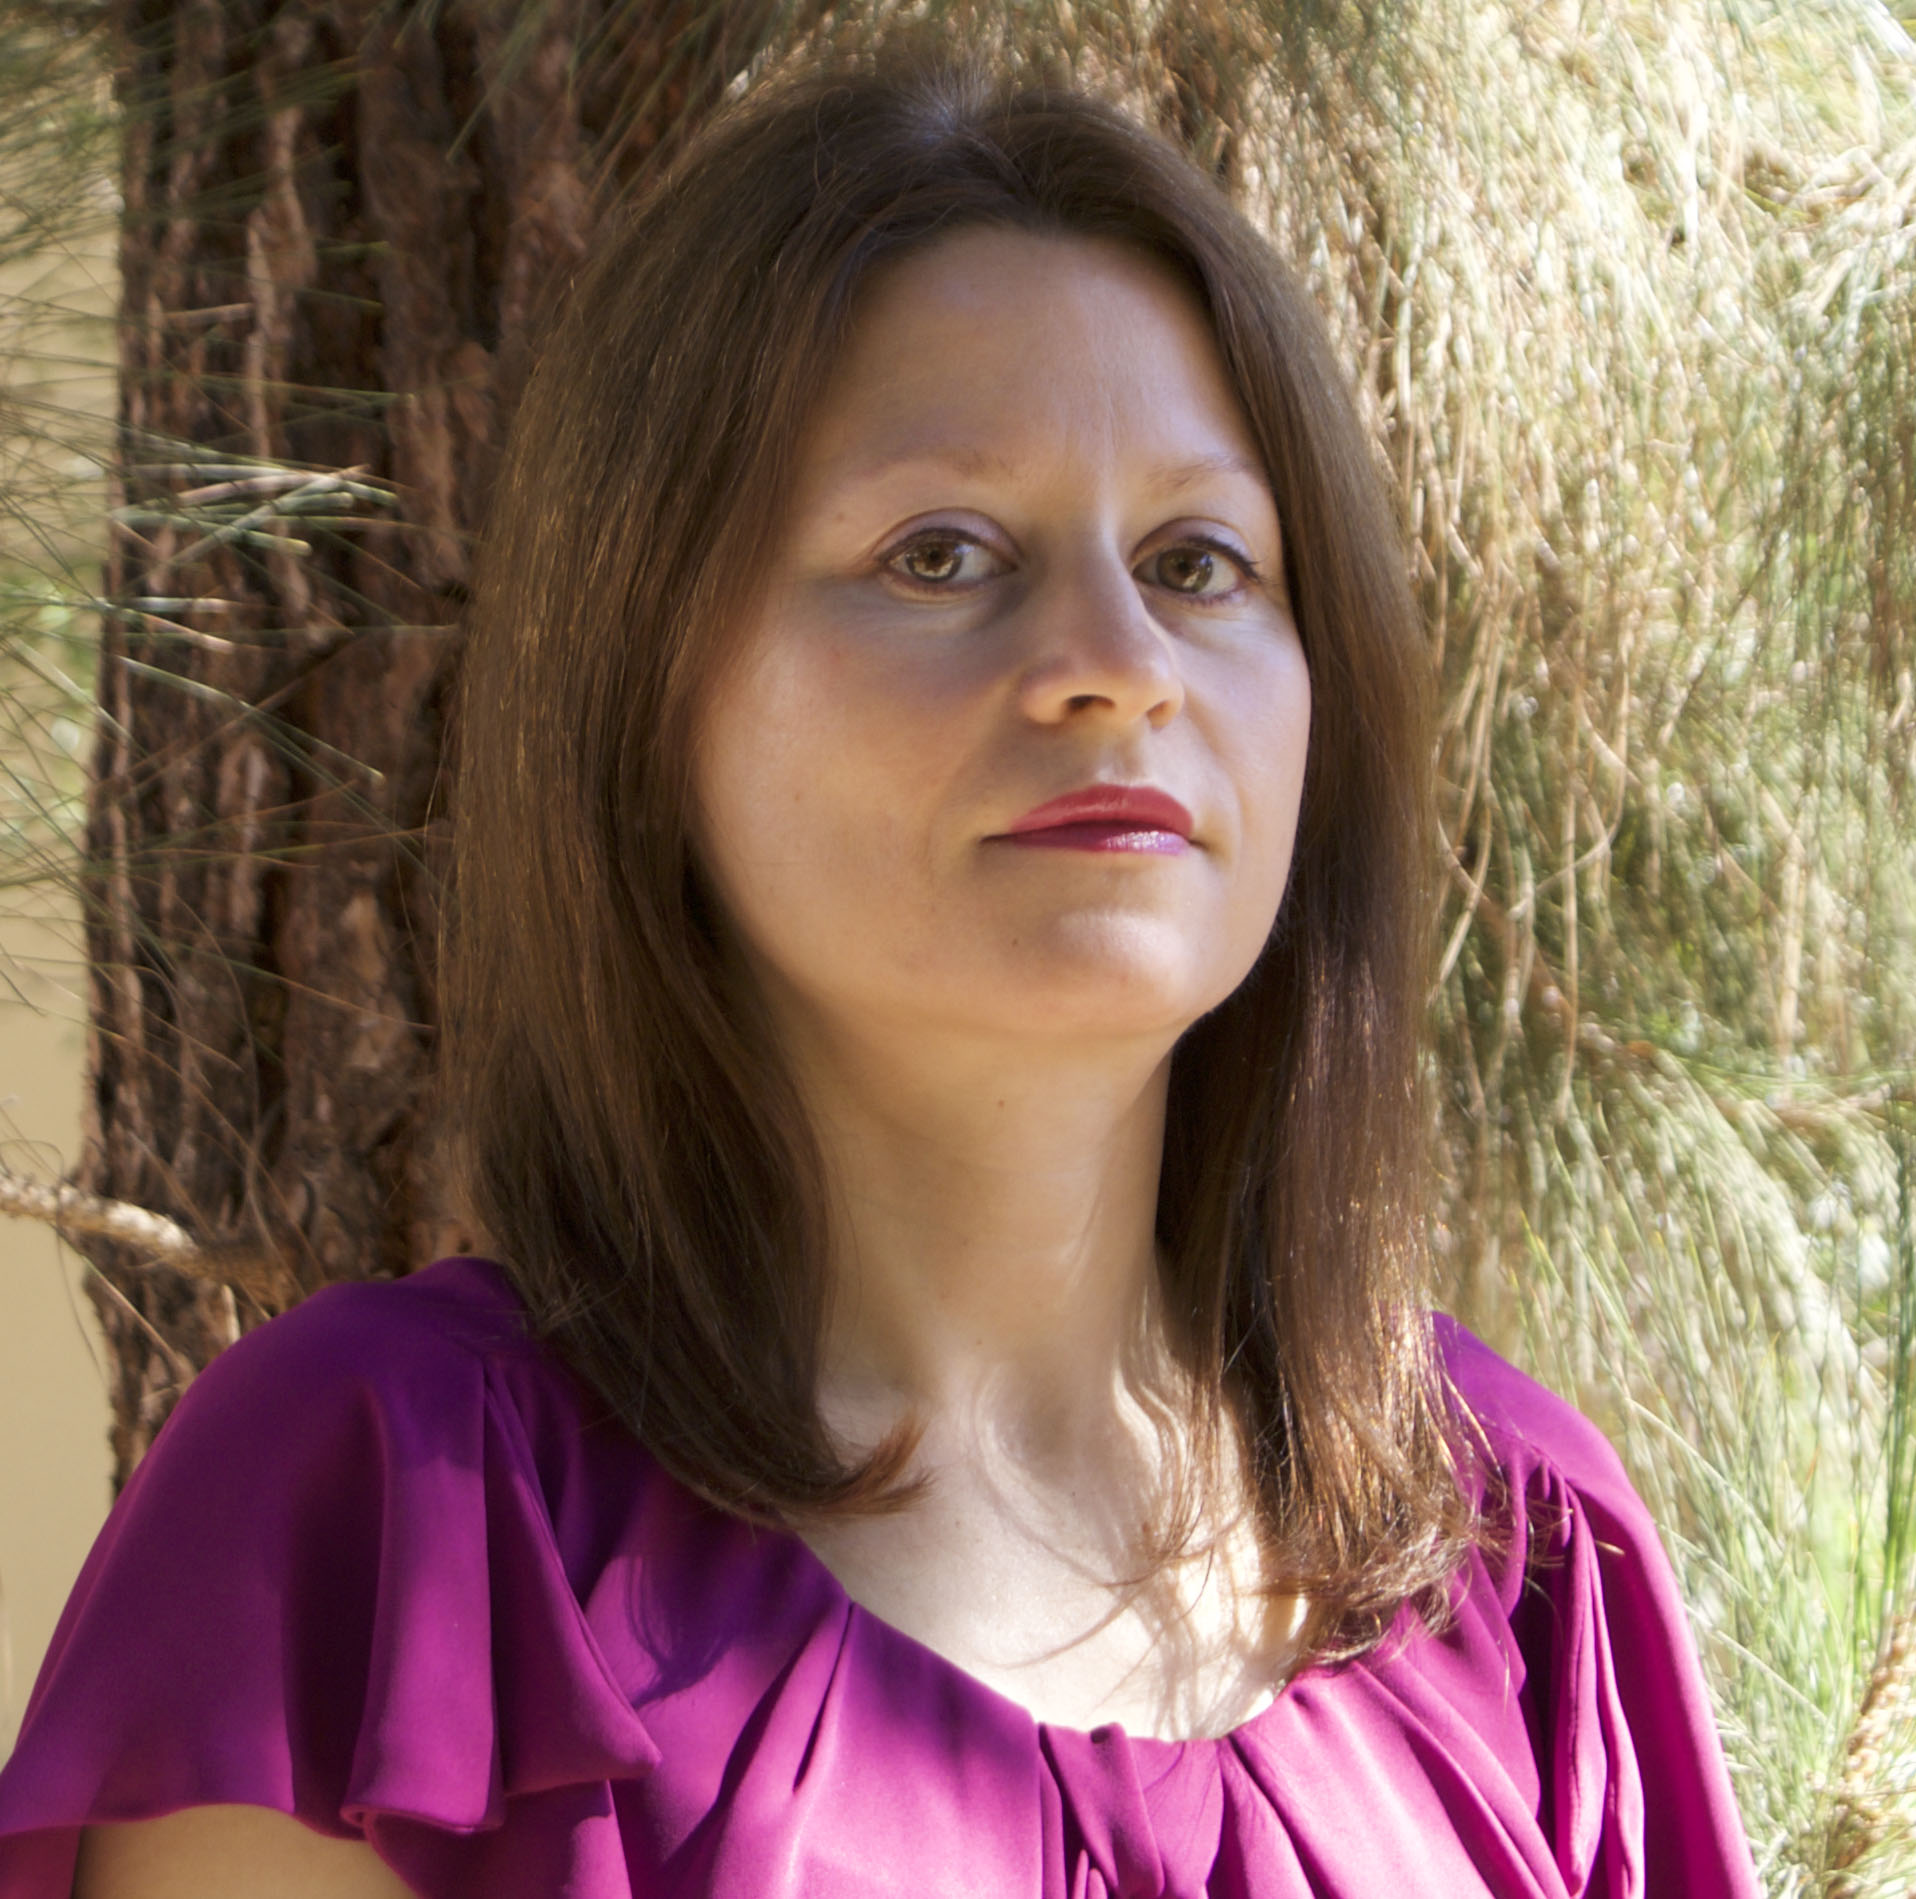 La pianista Salvadora Díaz Jerez, académica de número en la Real Academia de Bellas Artes